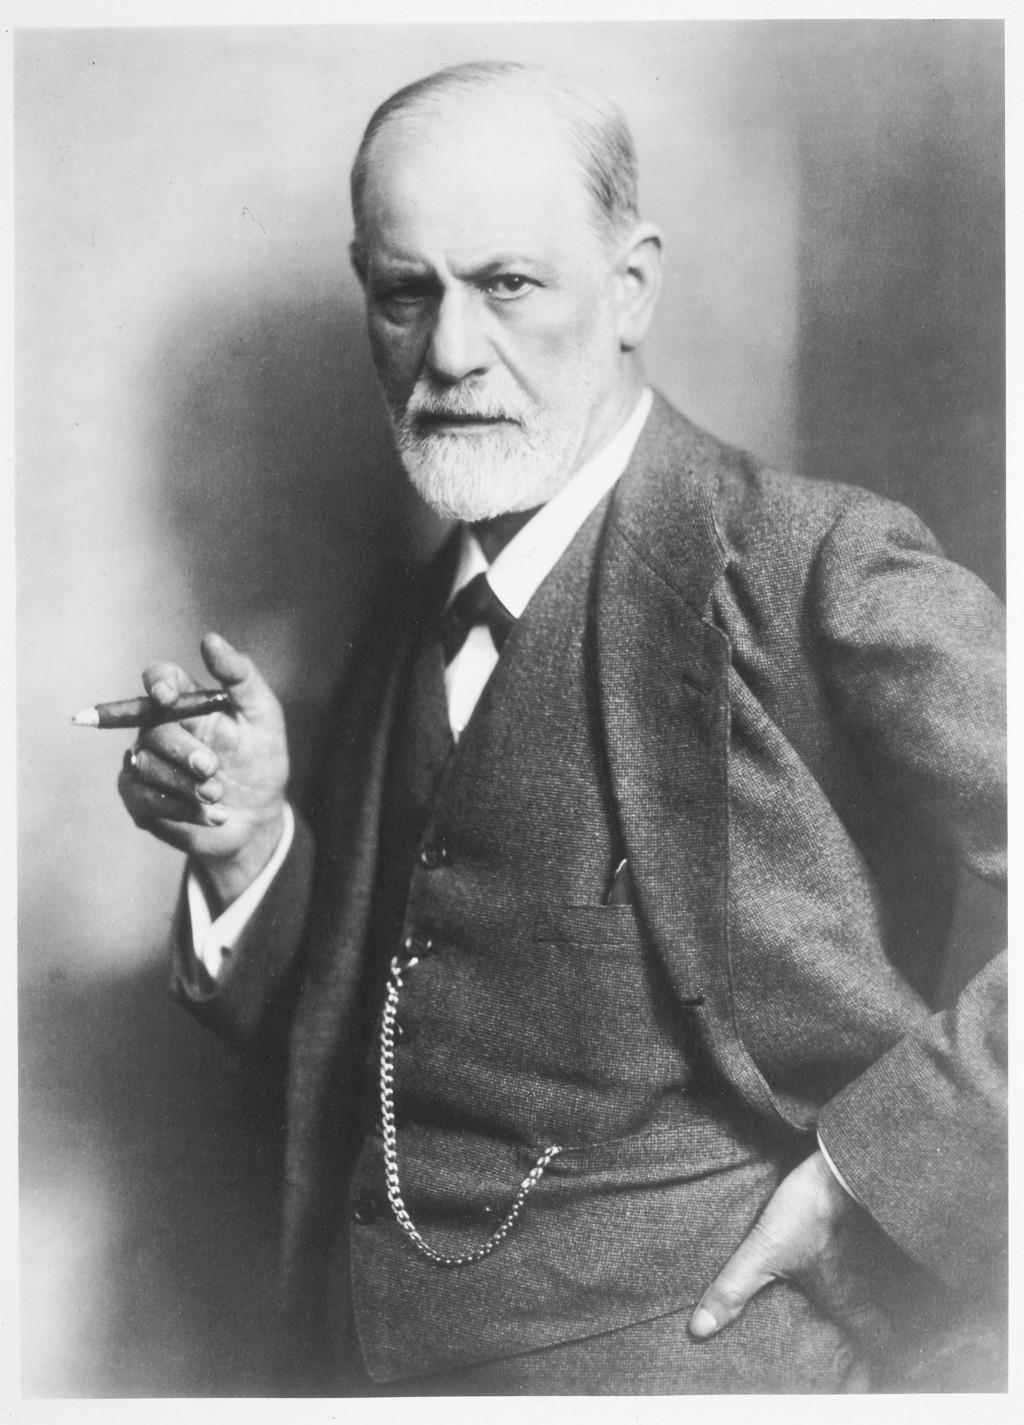 Portrait of Sigmund Freud. [LCID: 71523]